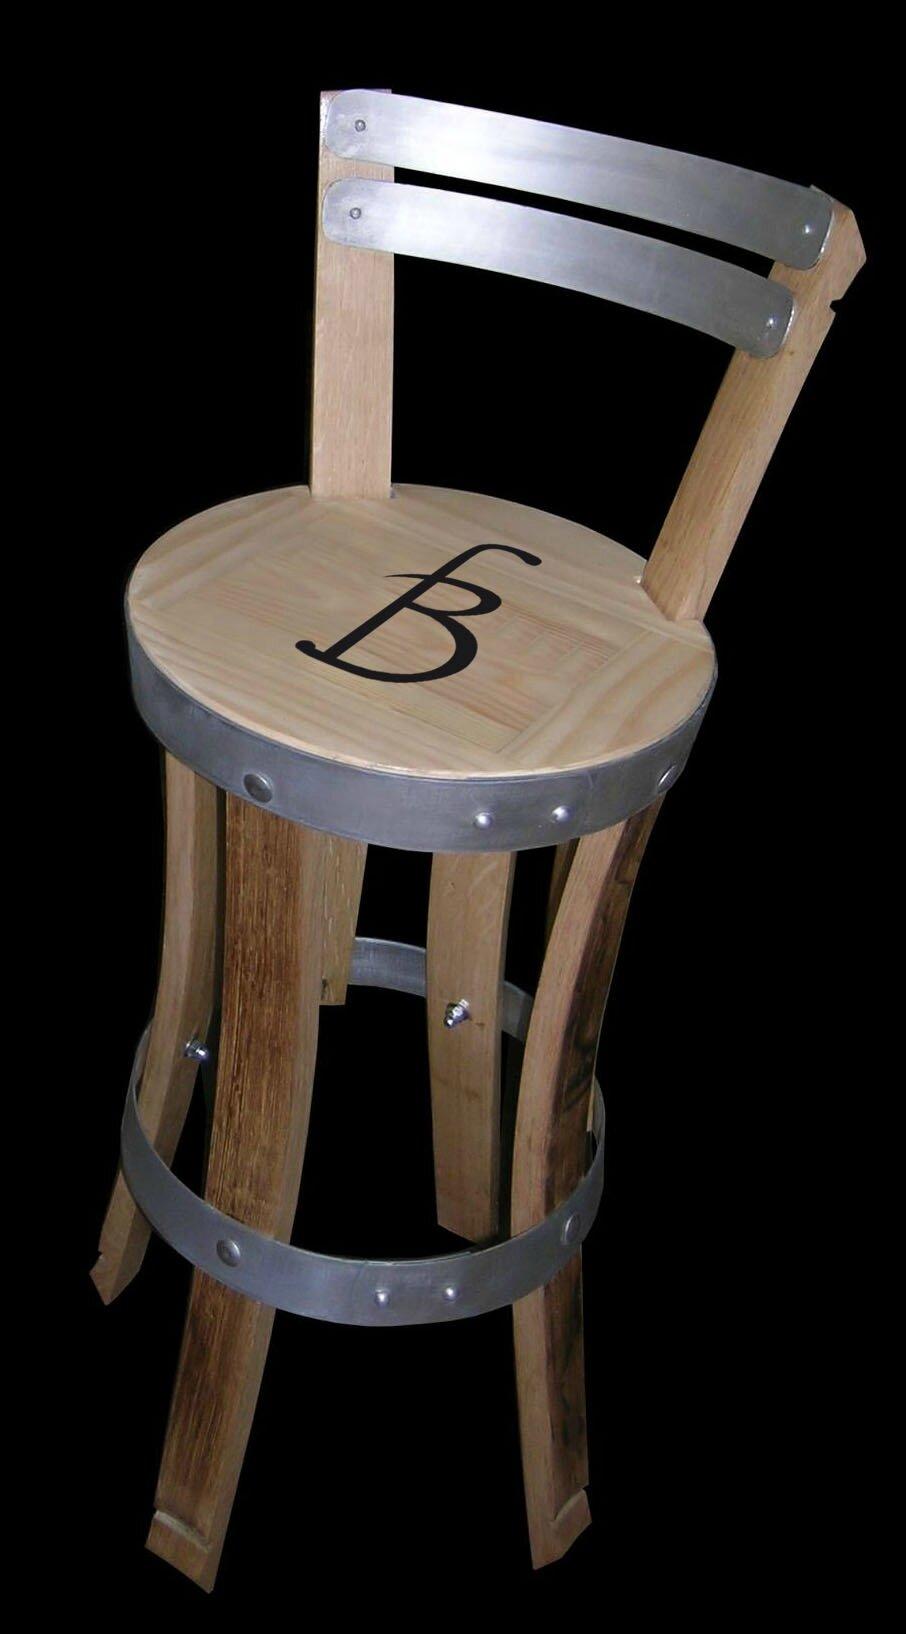 Chaise chaise haute chaise de bar chaise de cuisine Chaises hautes cuisine